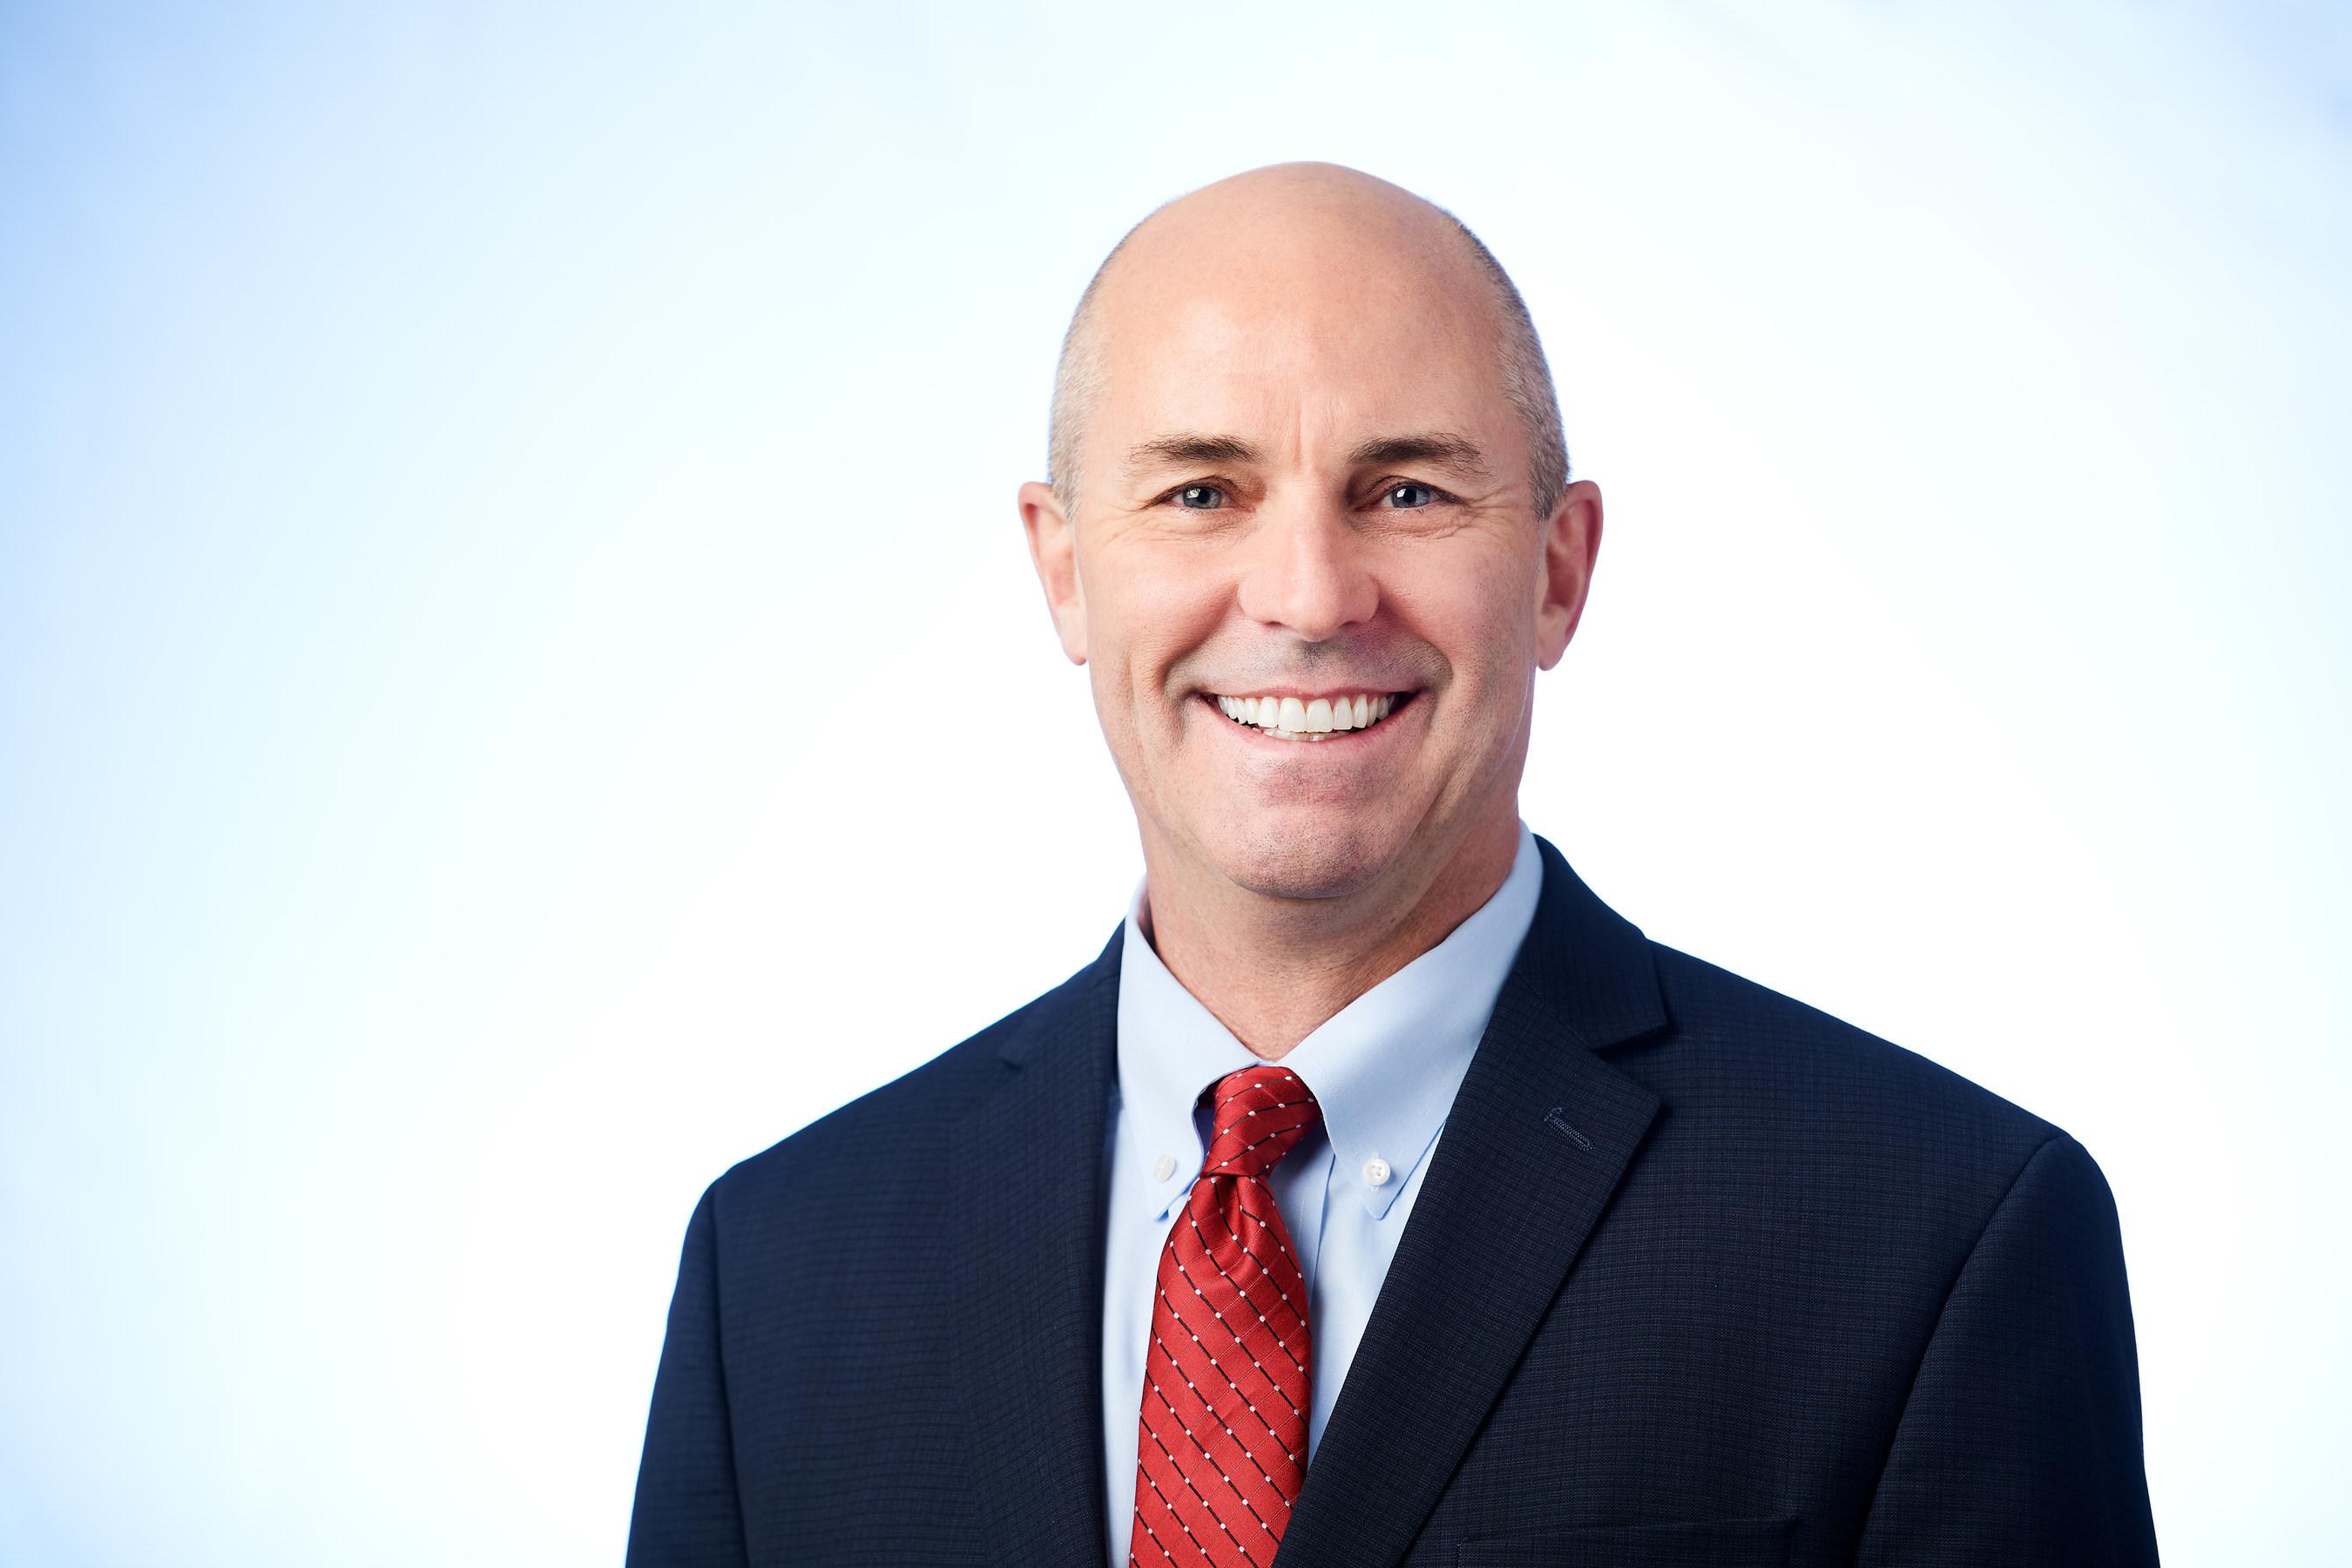 Tim Steffl joins Delta Dental Plans Association